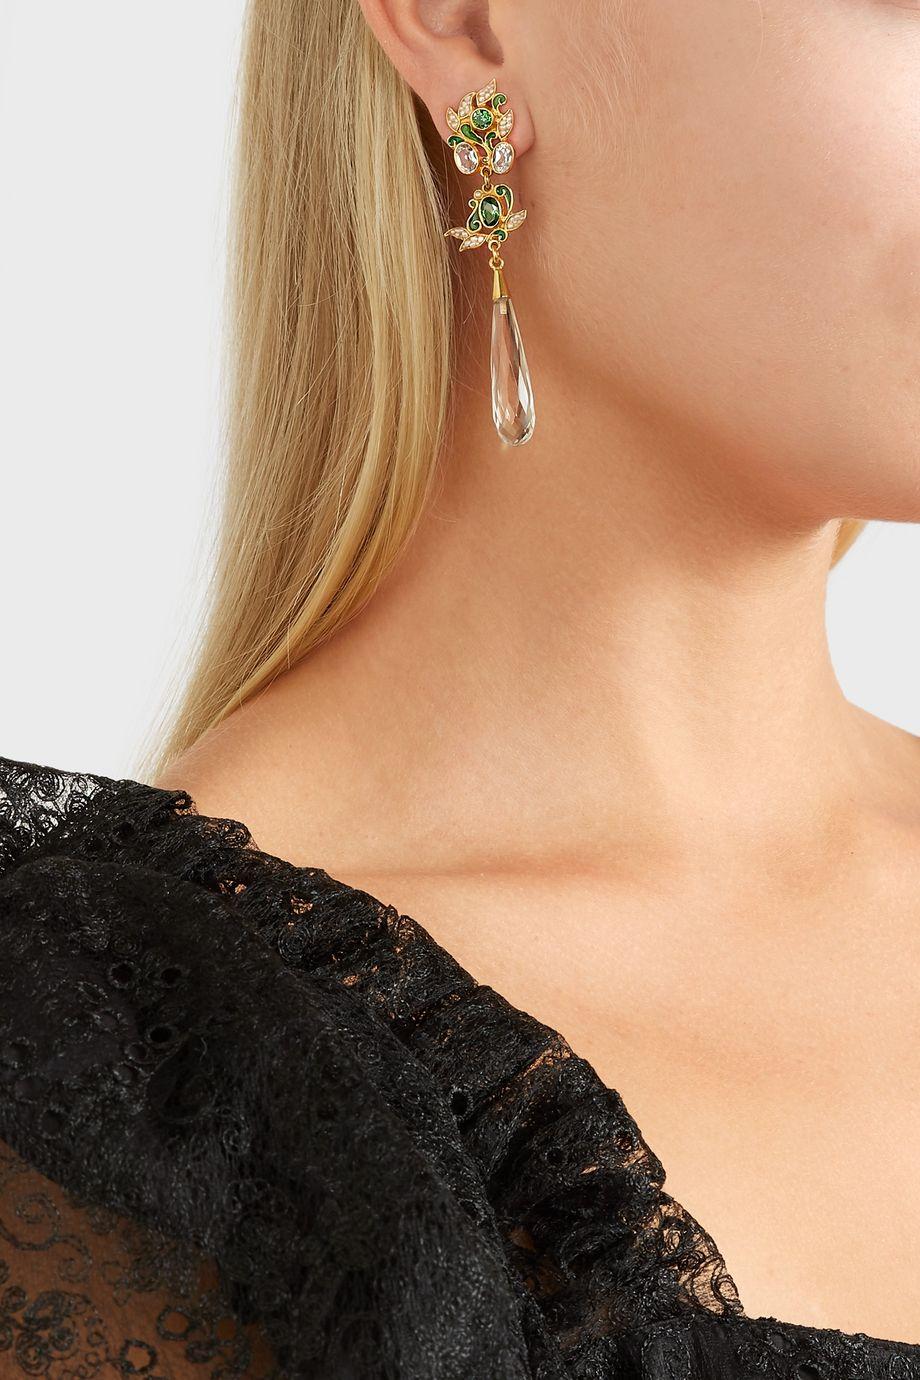 Percossi Papi Vergoldete Ohrringe mit Emaille und mehreren Steinen